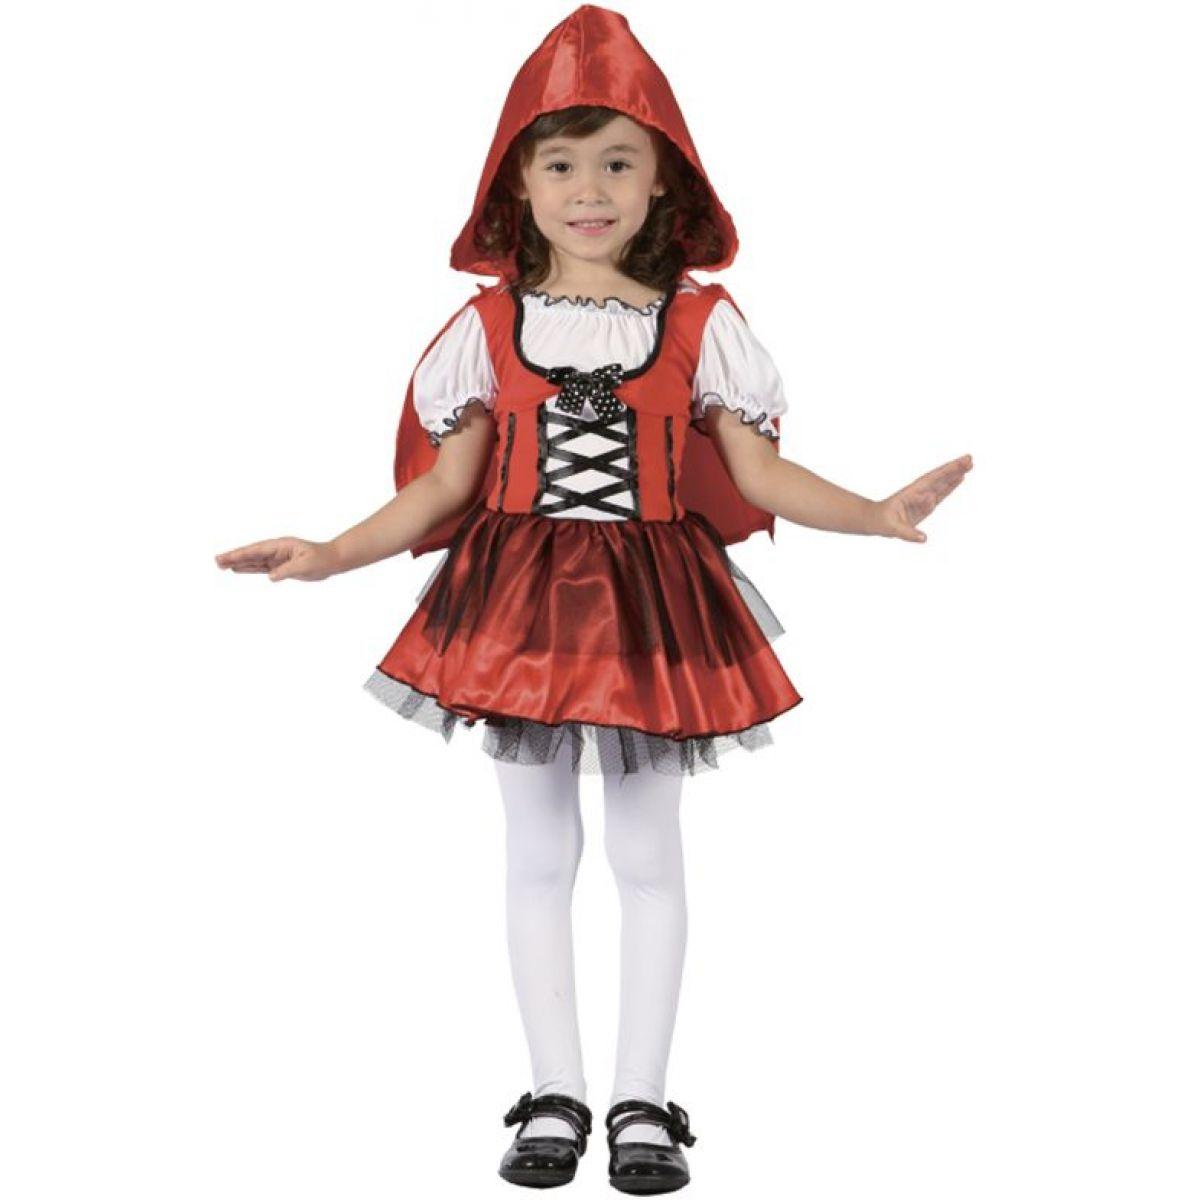 HM Studio Dětský kostým Červená Karkulka s čepečkem 92-104 cm